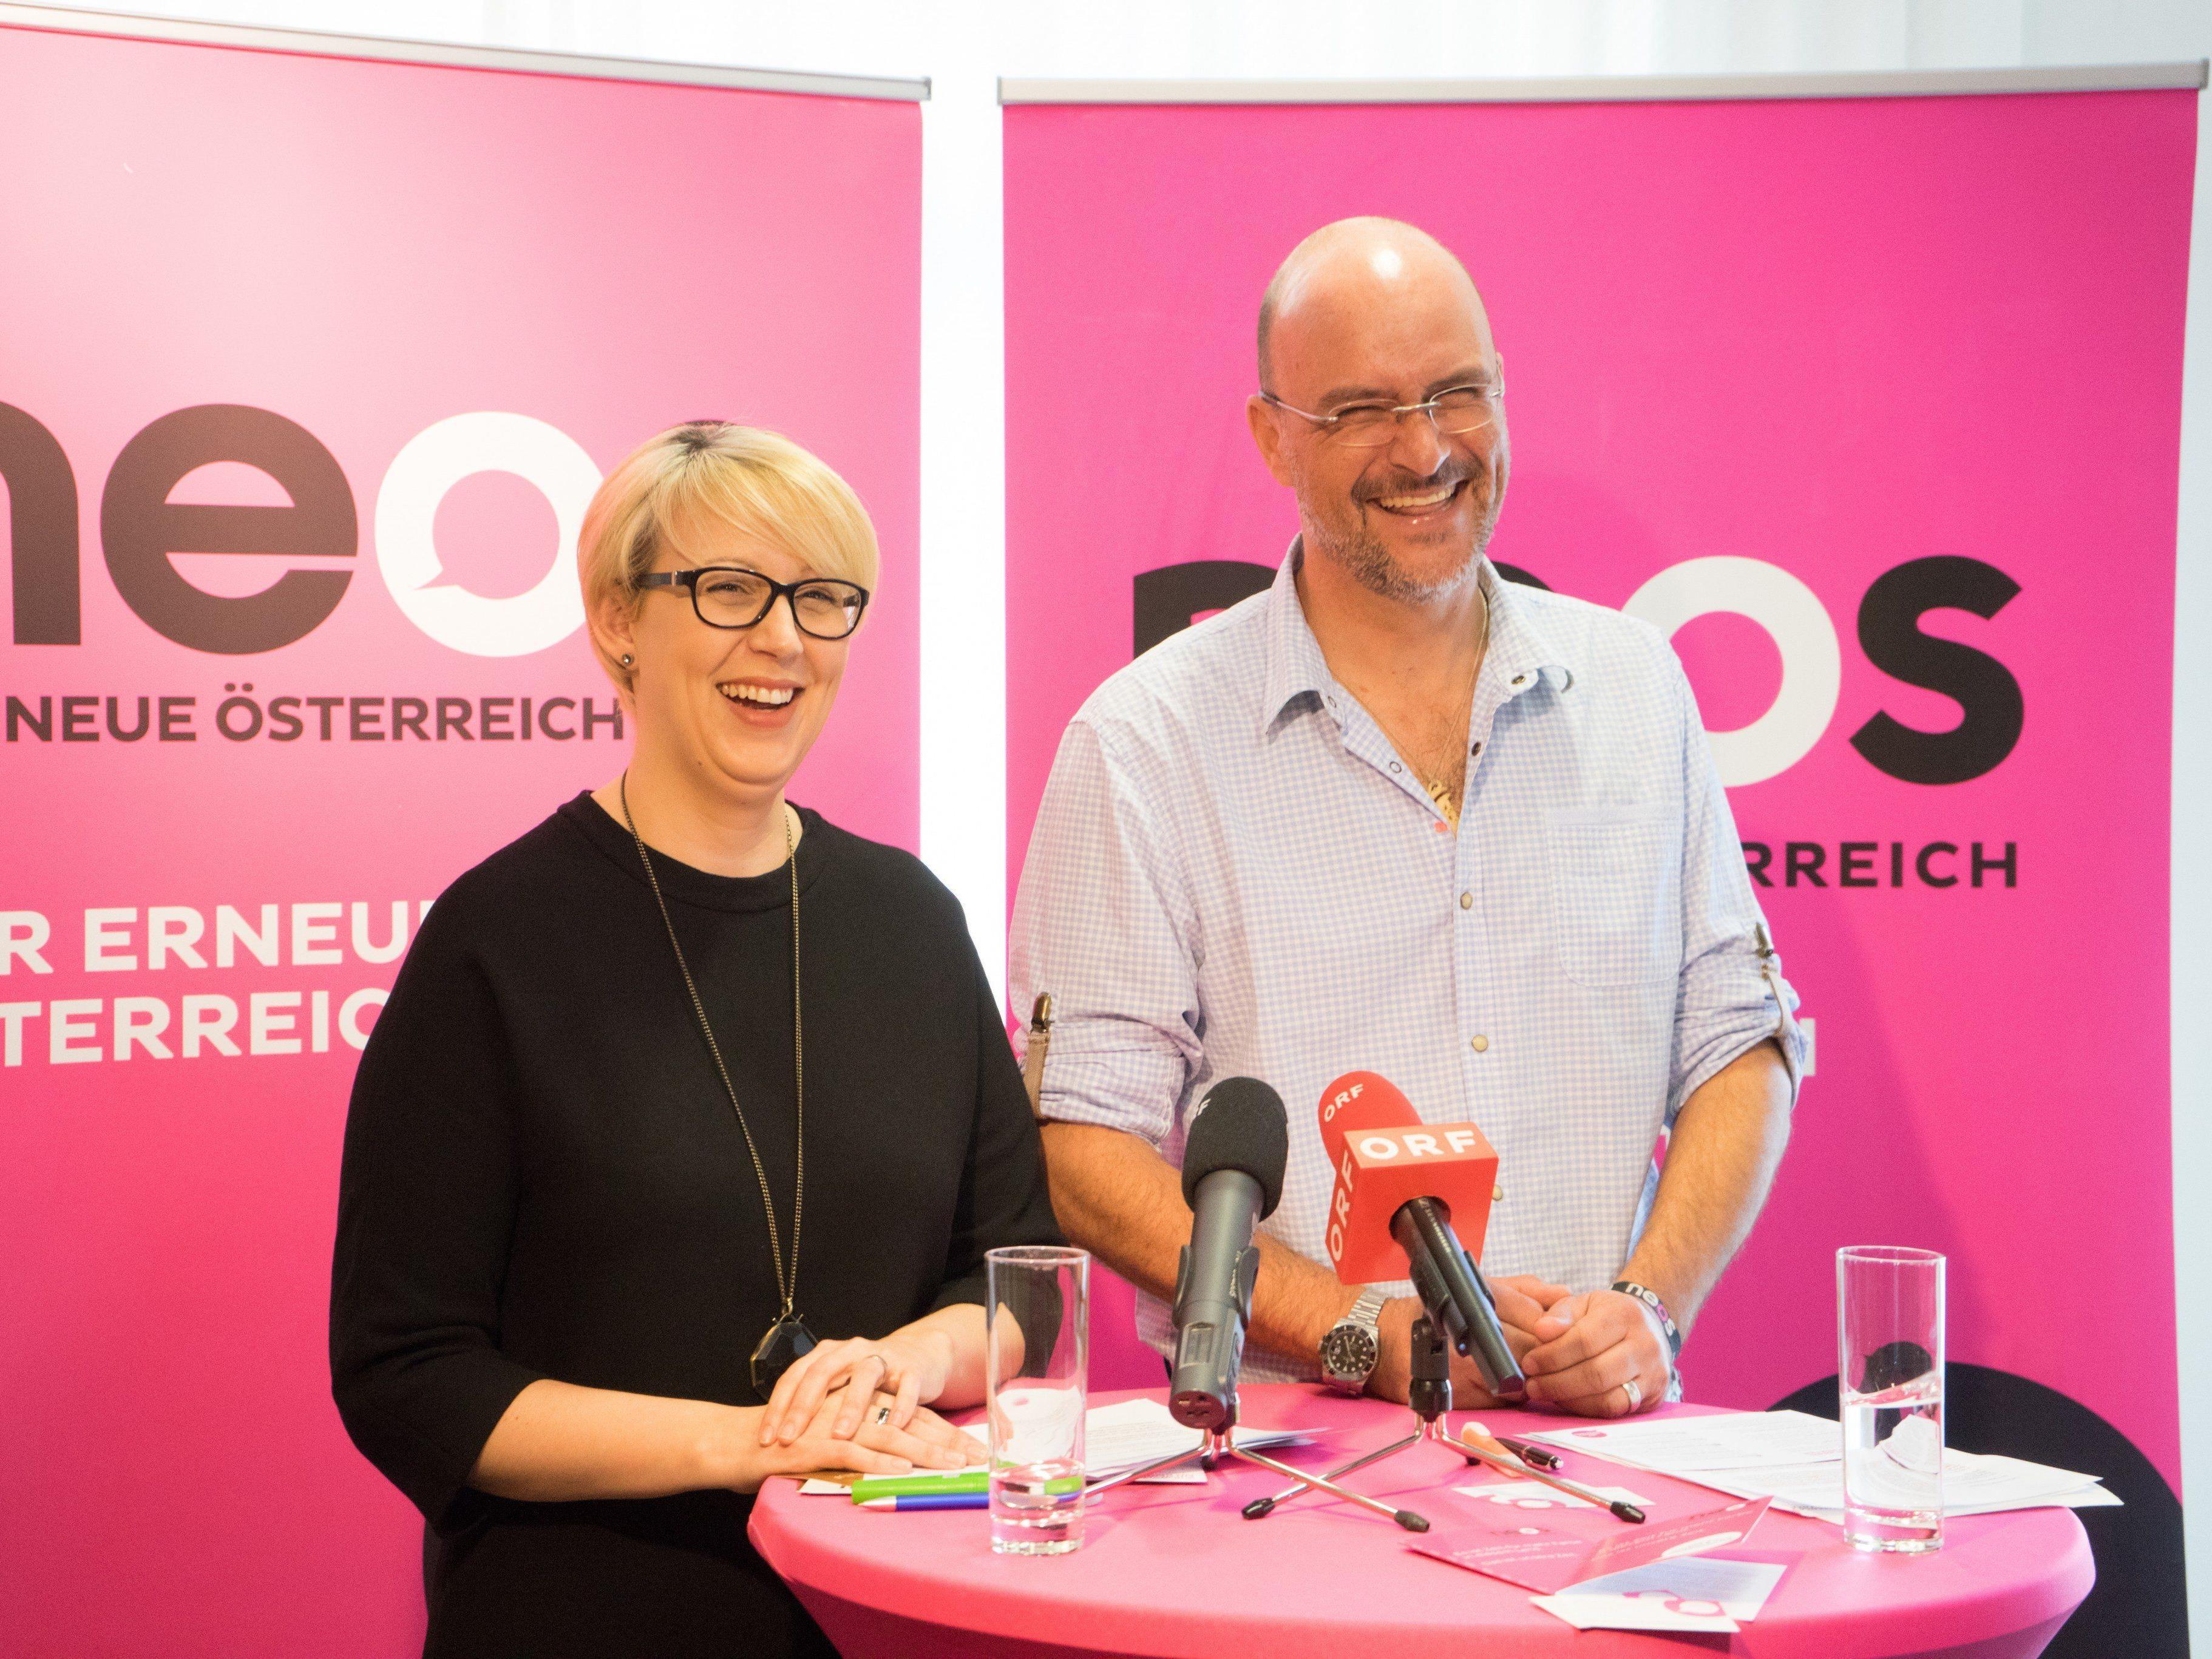 Damals hatten Chris Alge und Sabine Scheffknecht noch ein gutes Verhältnis